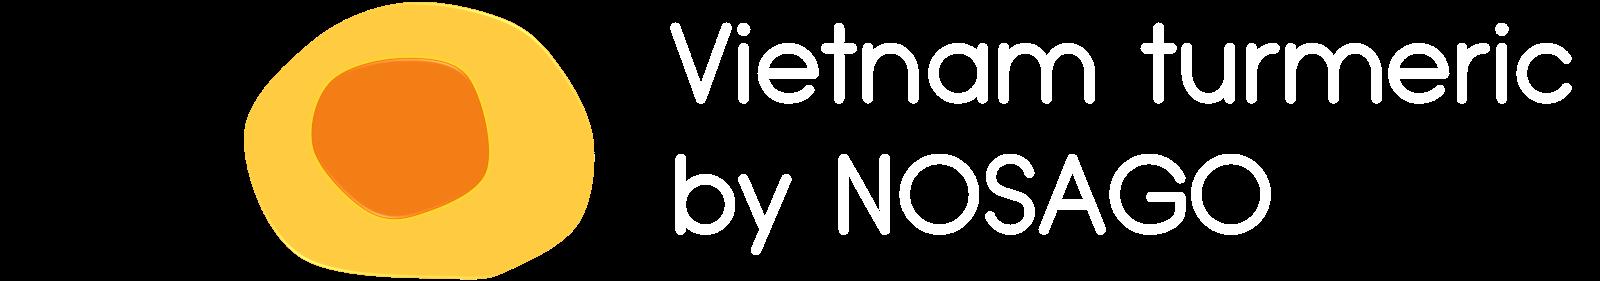 Nghetuoi.vn - Trang thông tin chất lượng về nghệ tươi - khô